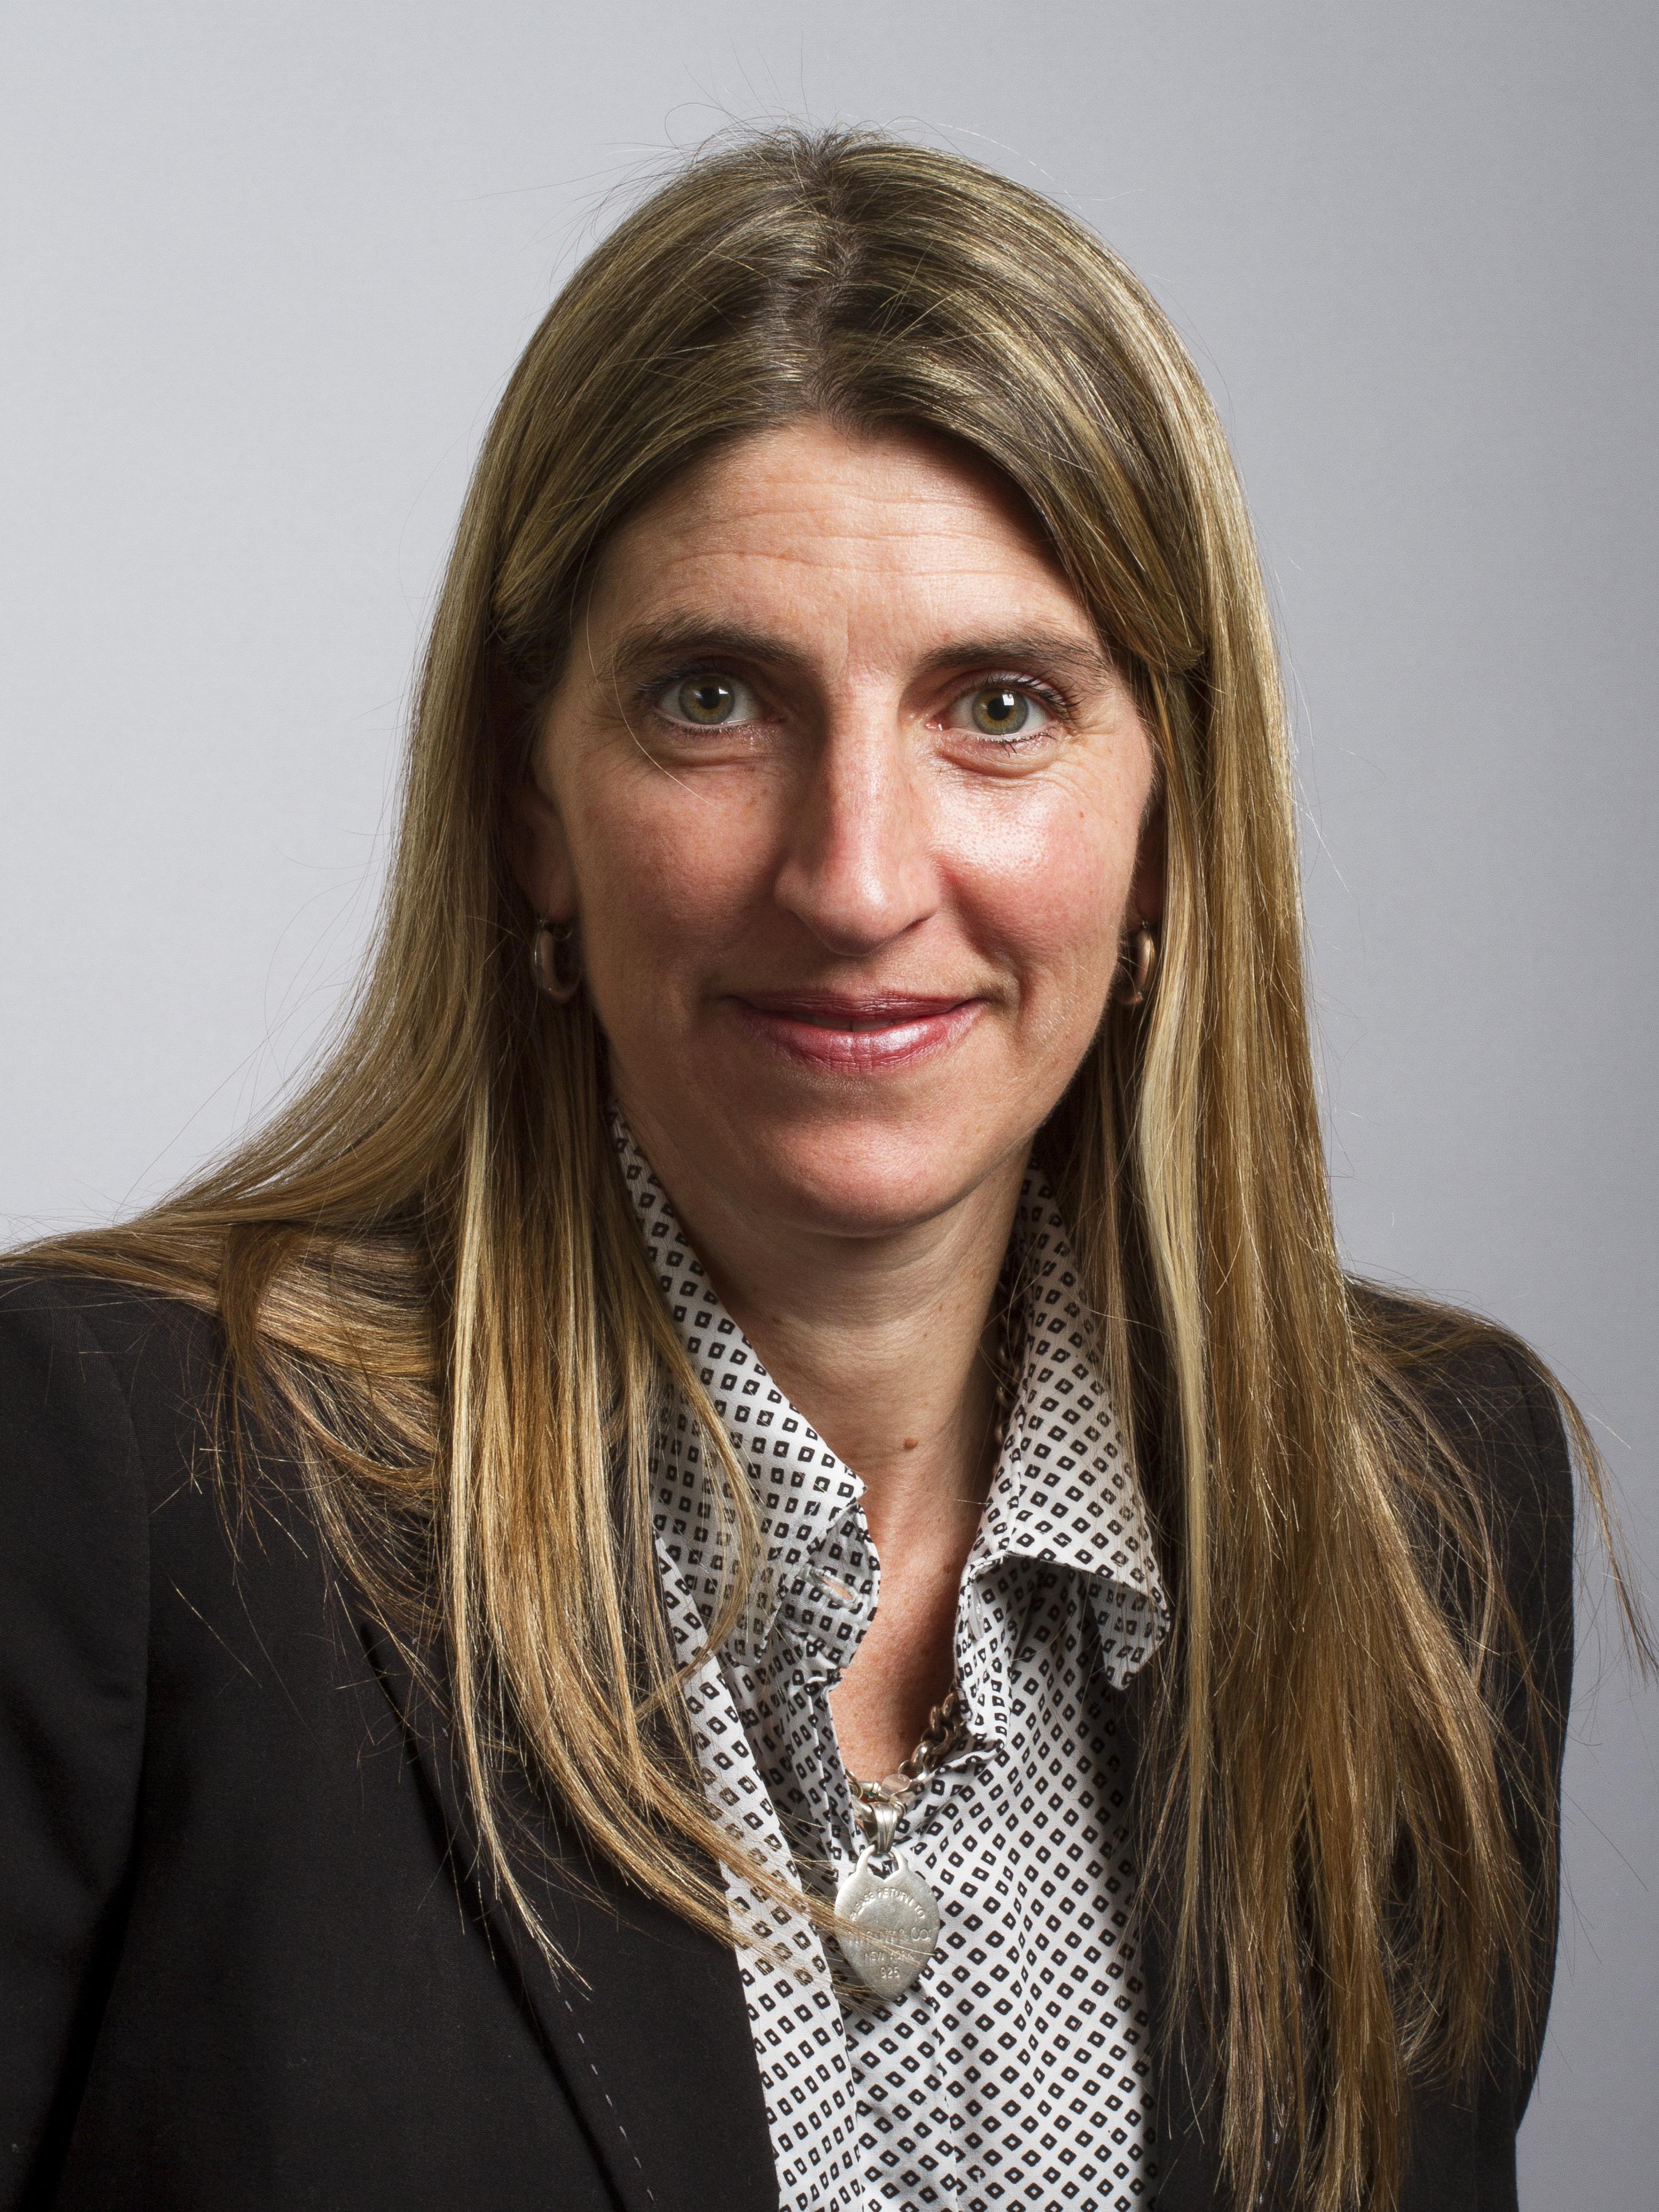 Nancy Irsanskas